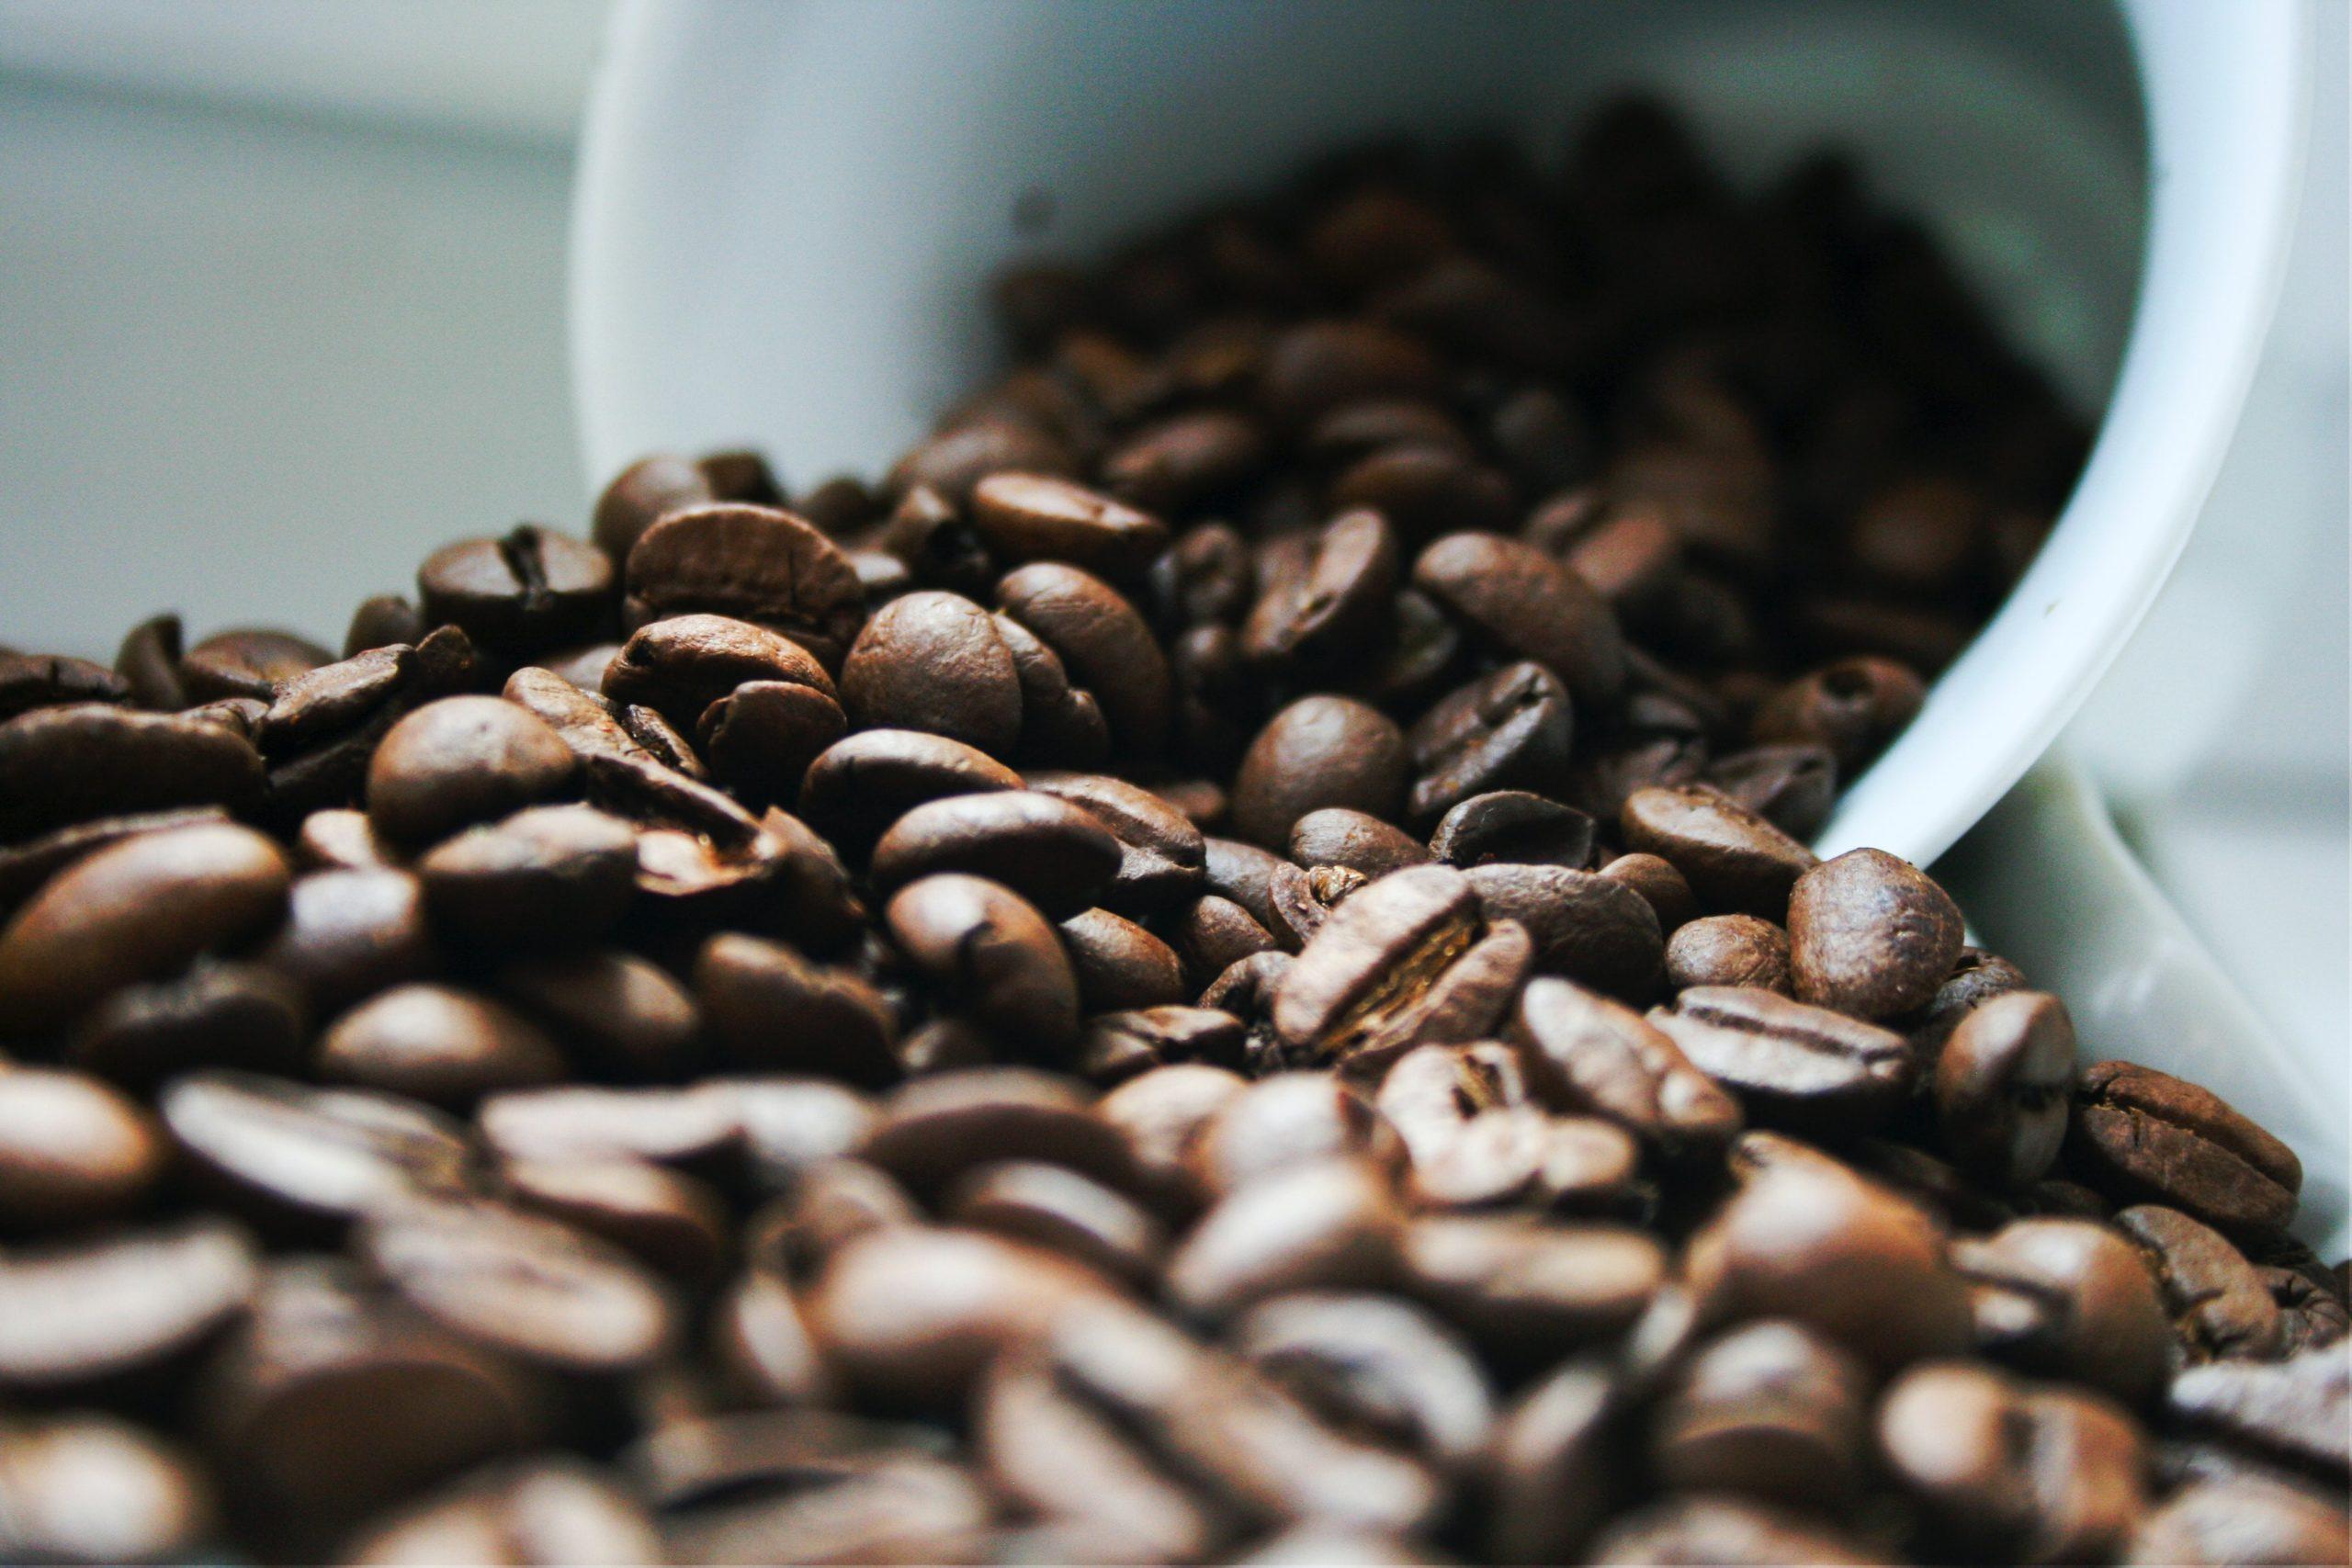 生酮飲食無糖黑咖啡和無糖茶,對生酮飲食者非常友善,但如果是習慣喝咖啡加牛奶的人,那就要注意了